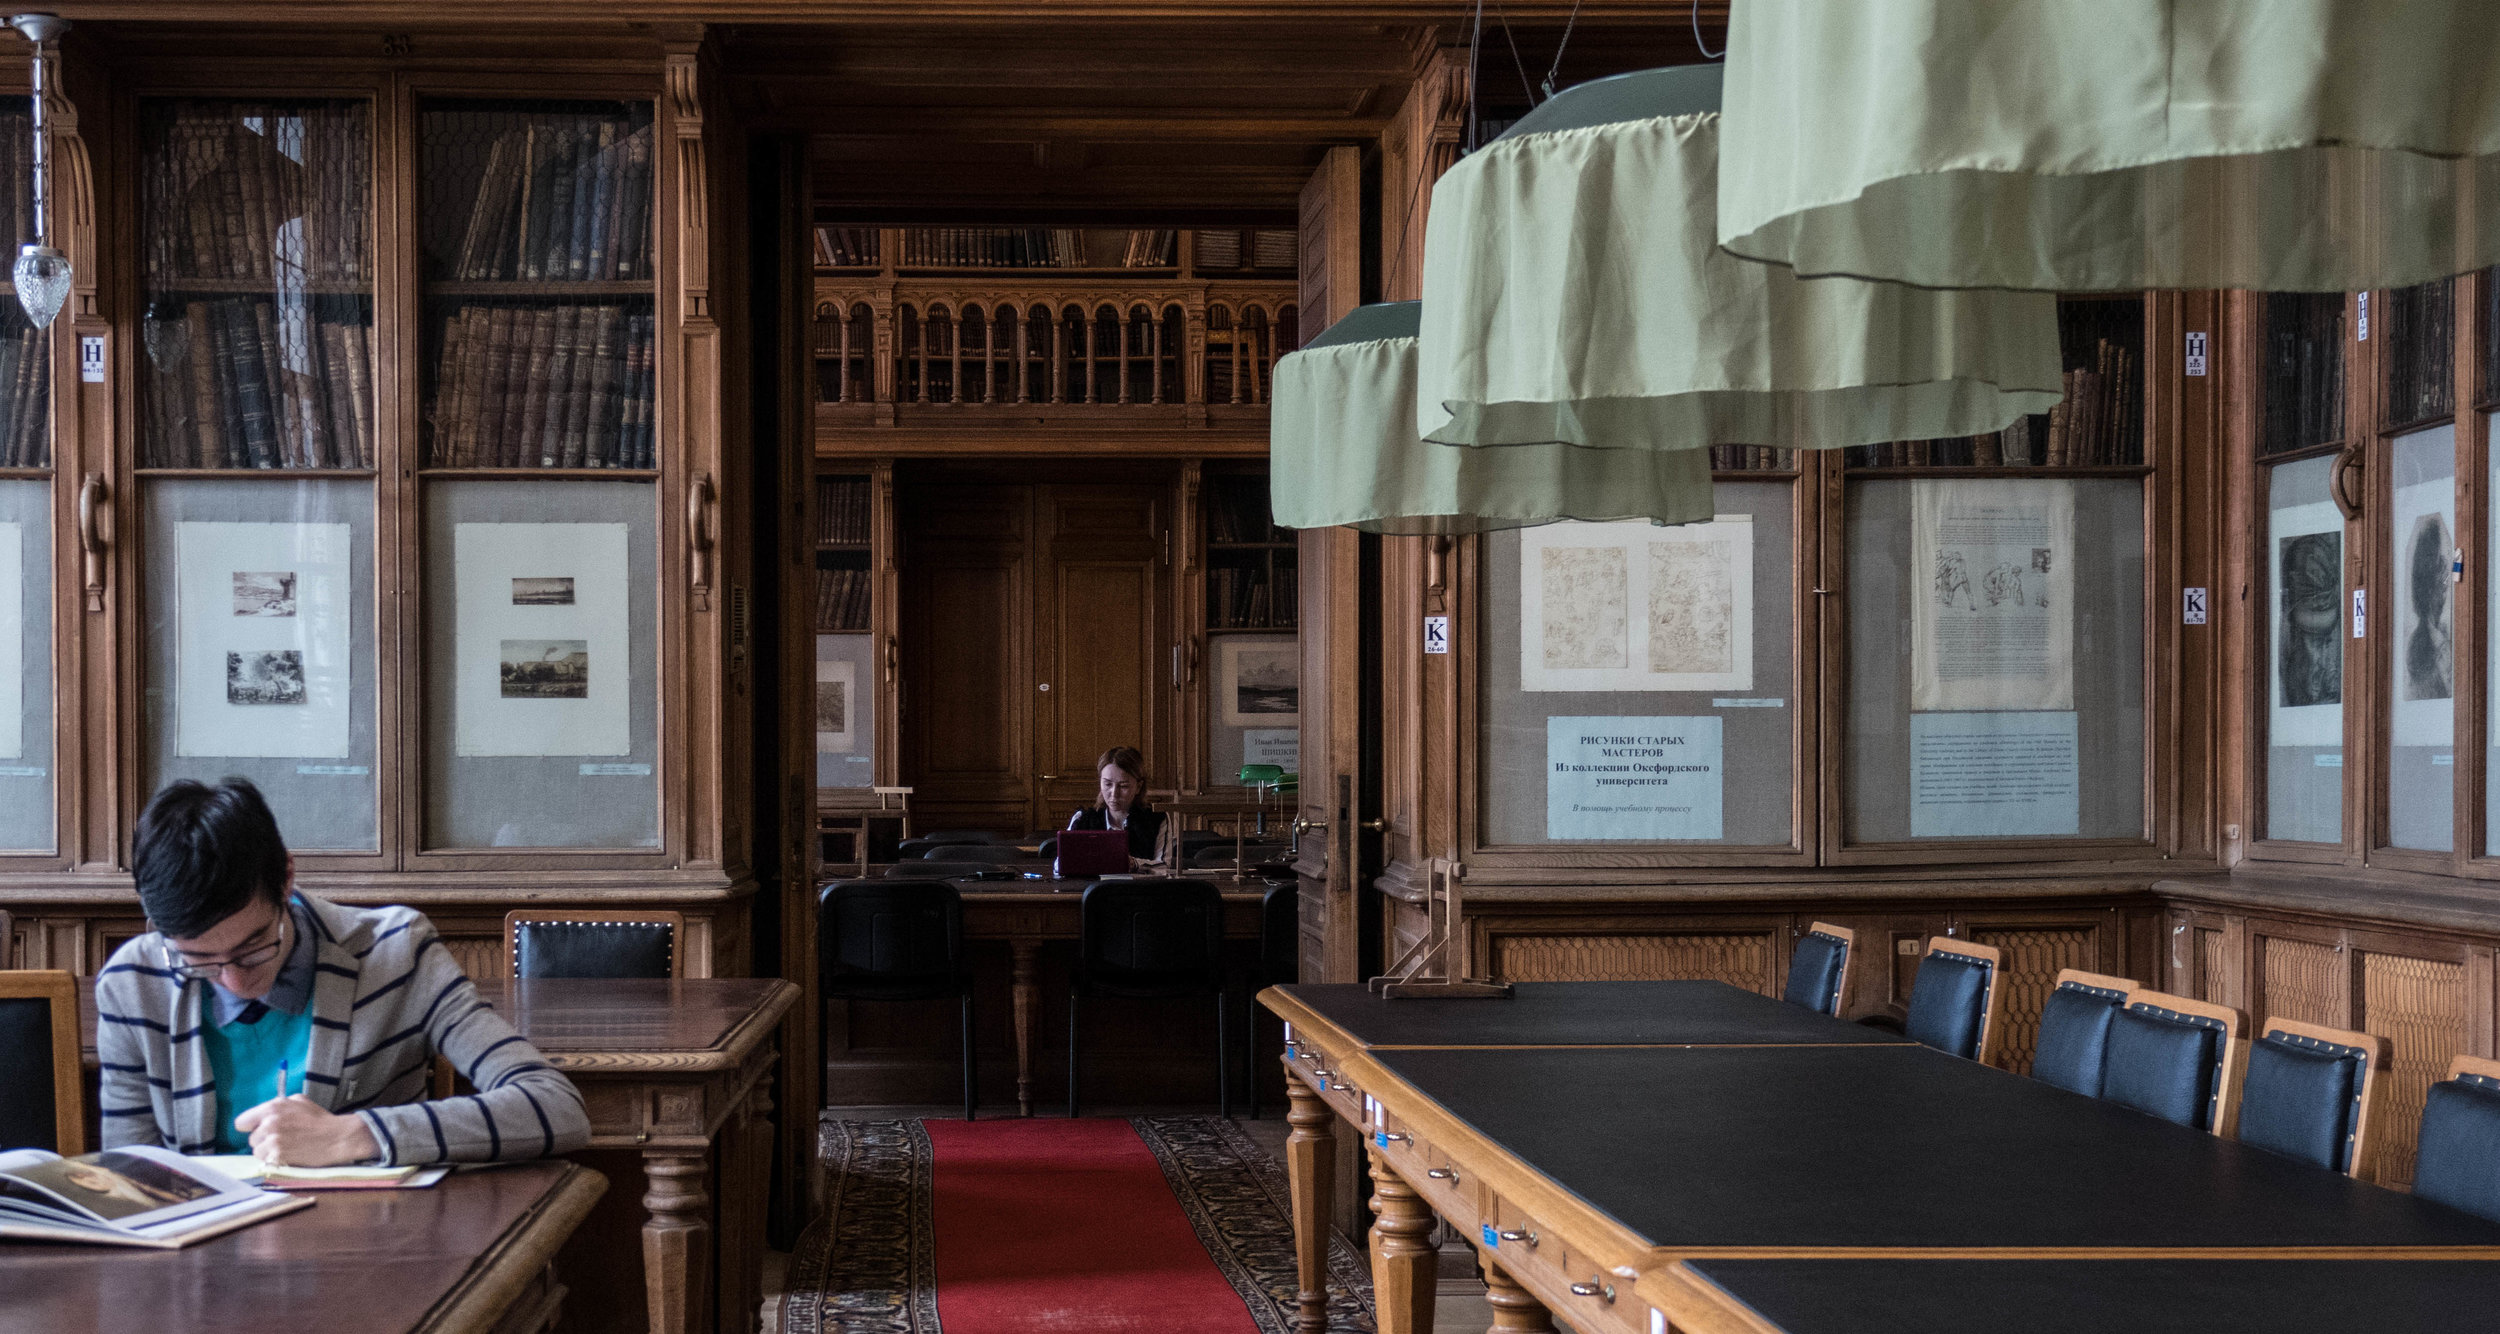 De bibliotheek van de Kunstacademie